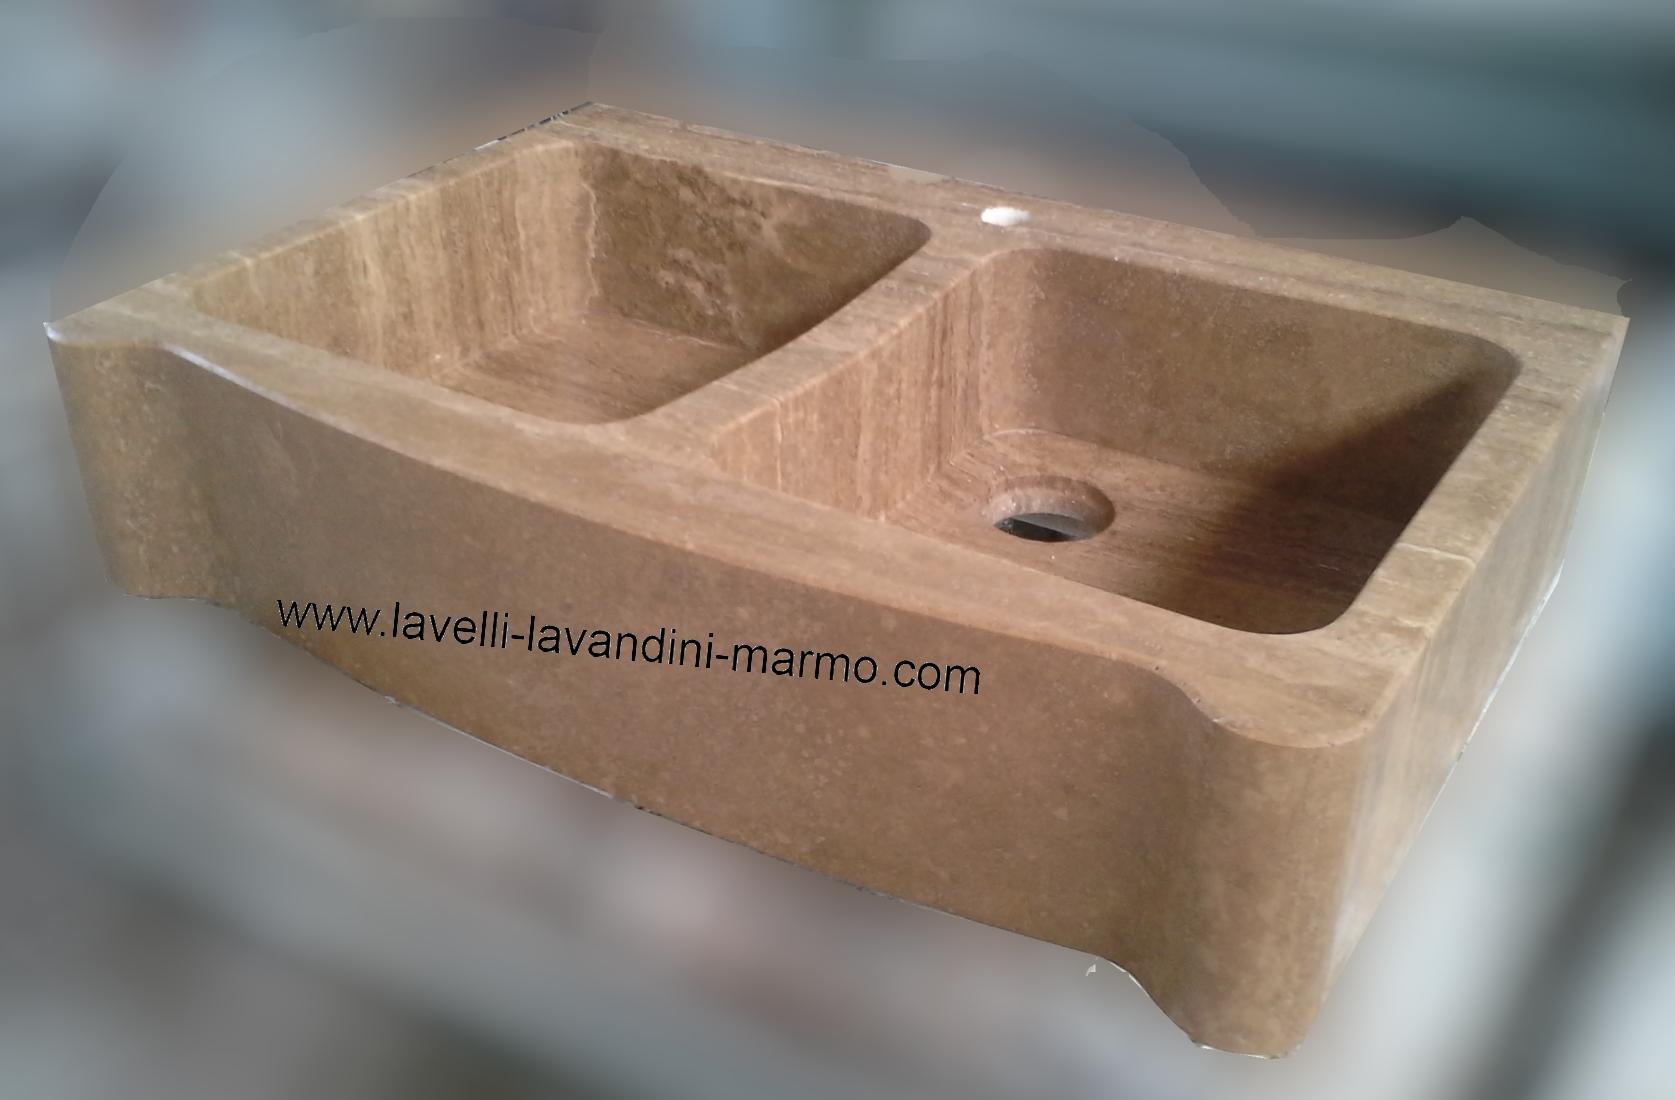 Marmo pietra acquaio scavato cucina esterno taverna art lav1a - Lavandini in marmo per cucina ...